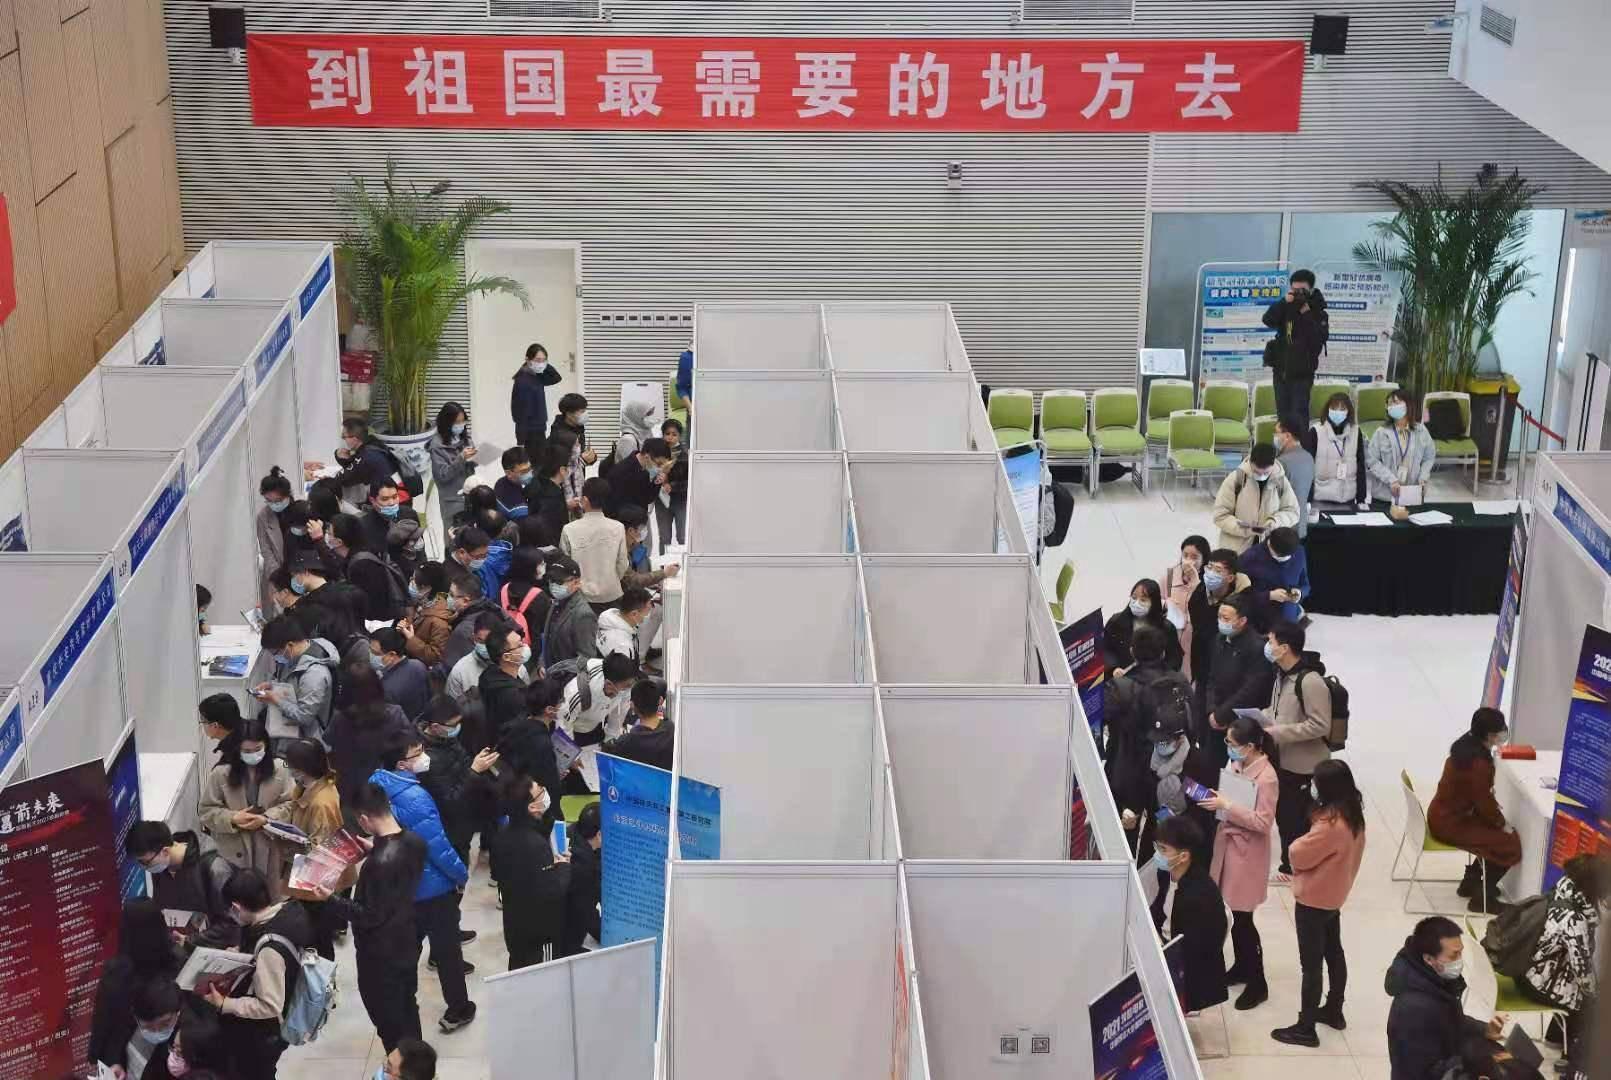 三百余家用人公司、八千余职位清华大学运行本年度最规模性校招